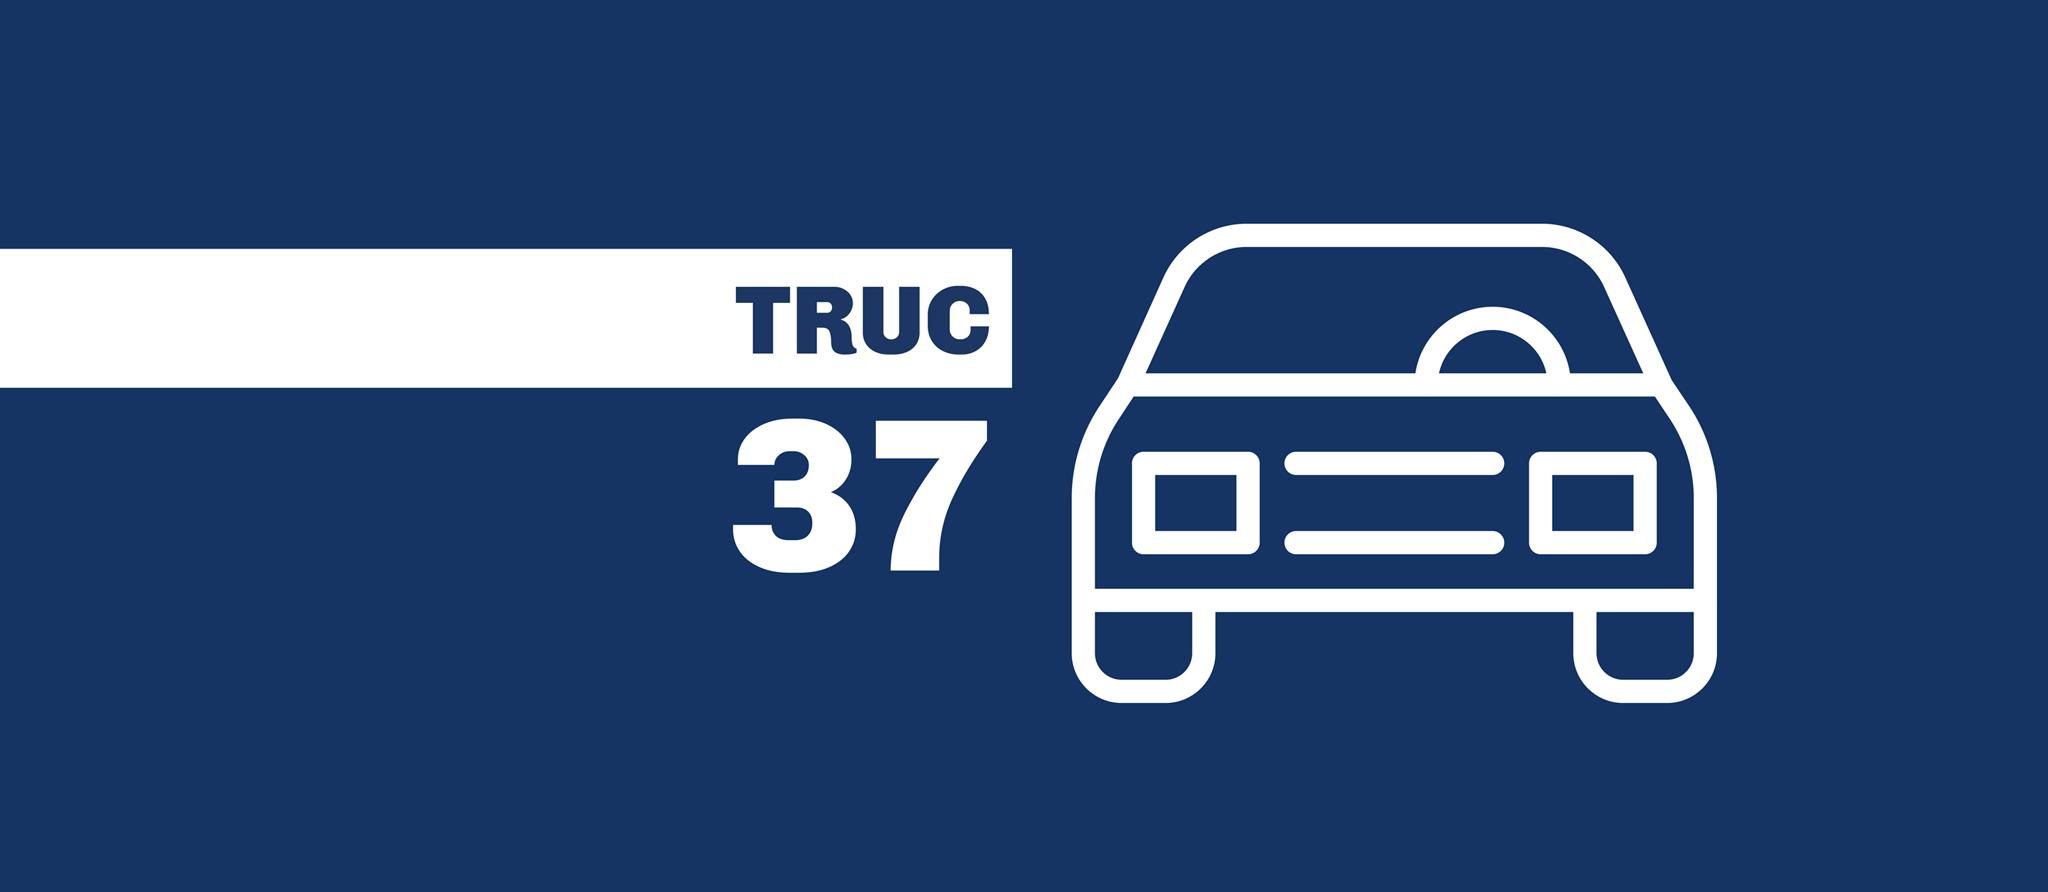 Truc-37